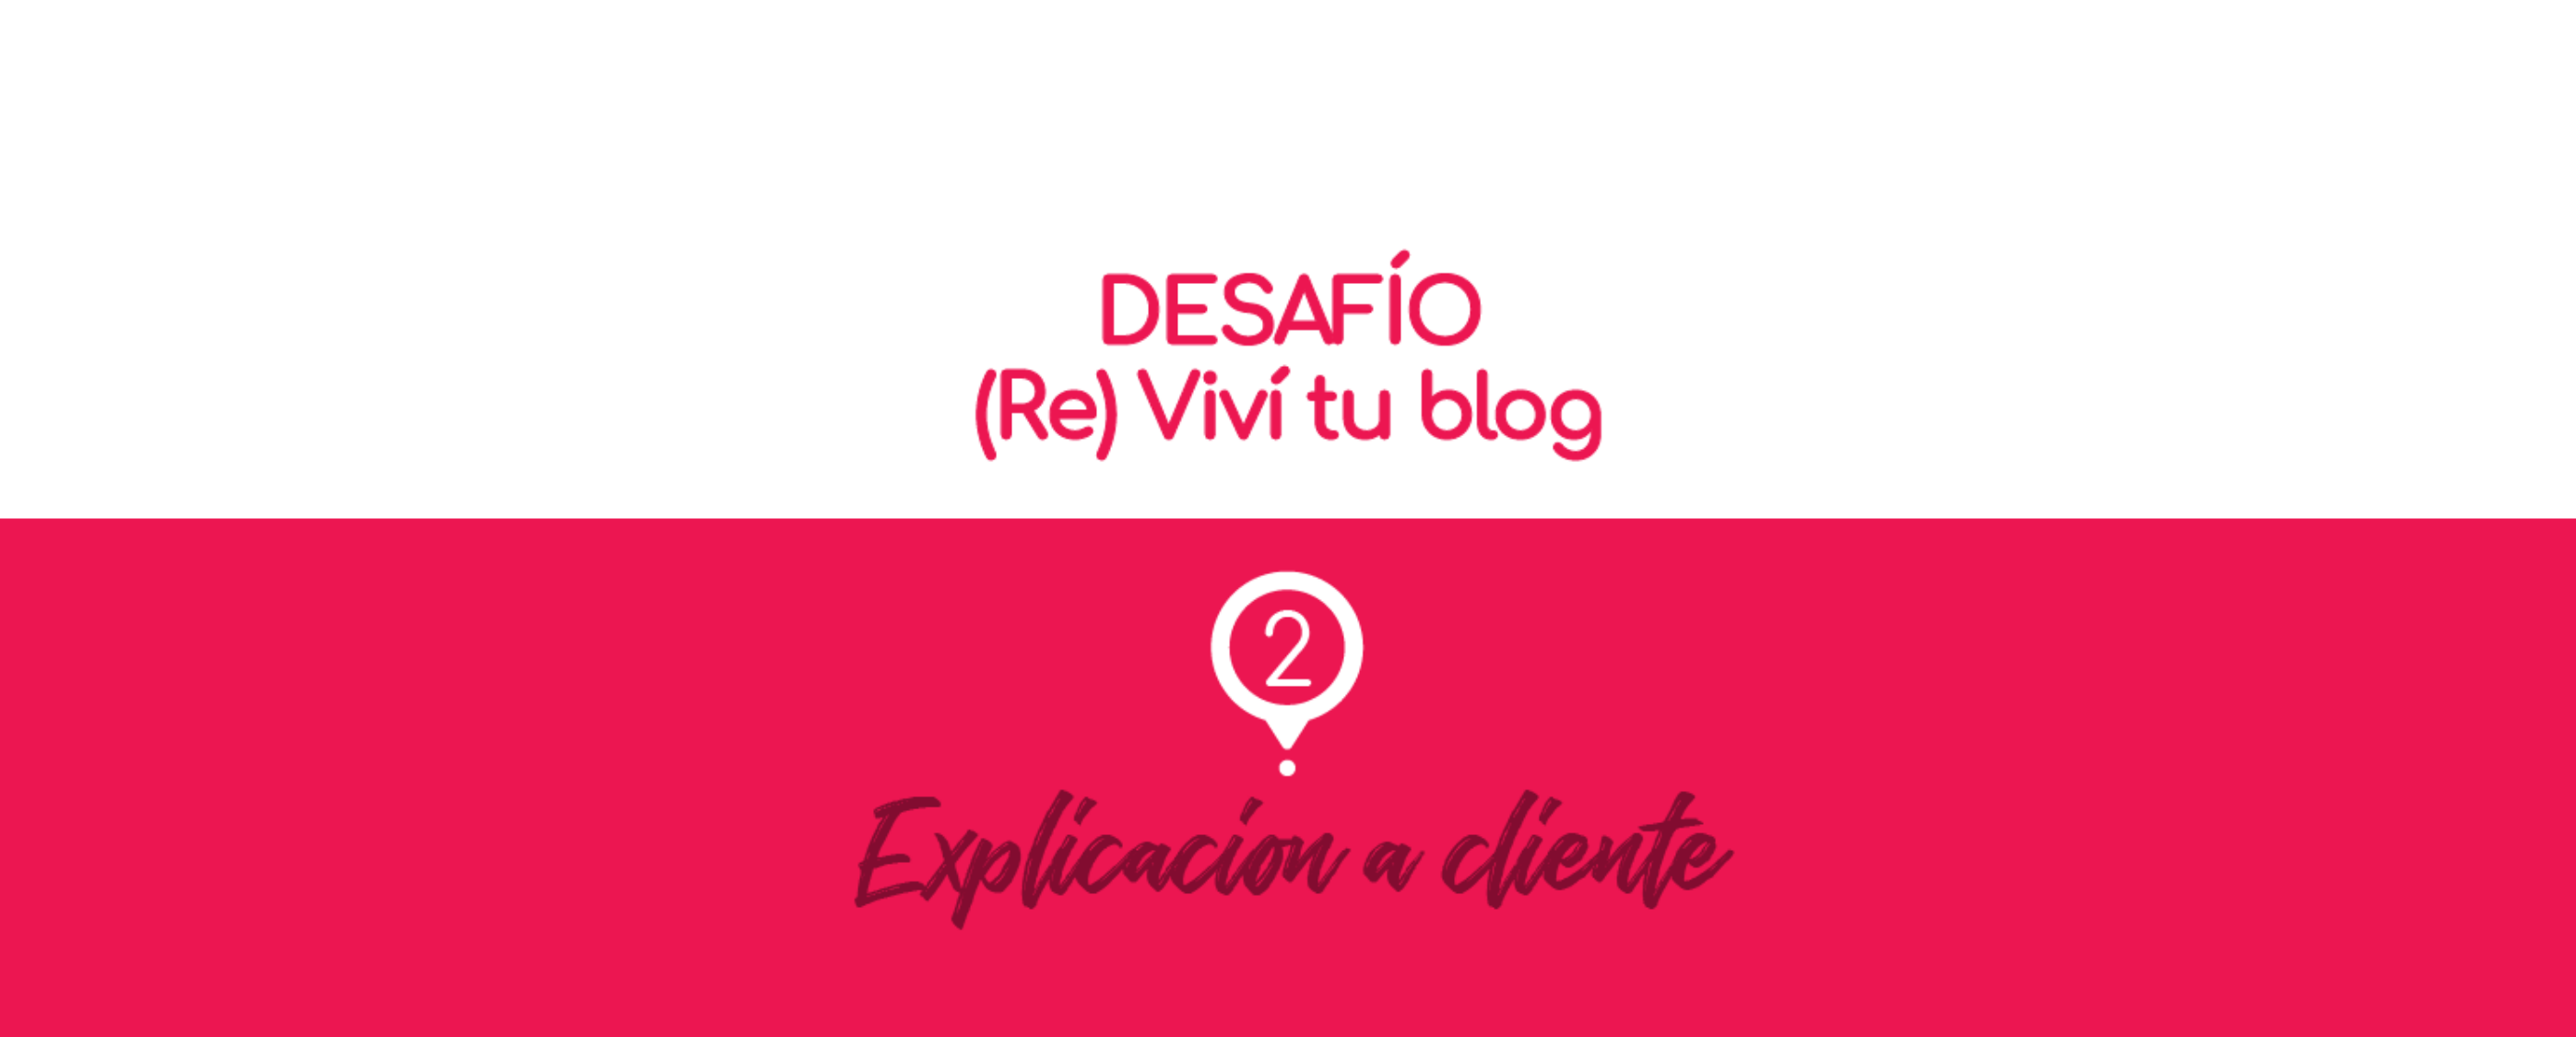 – 2 – (Re) Viví tu blog: explicación a cliente.